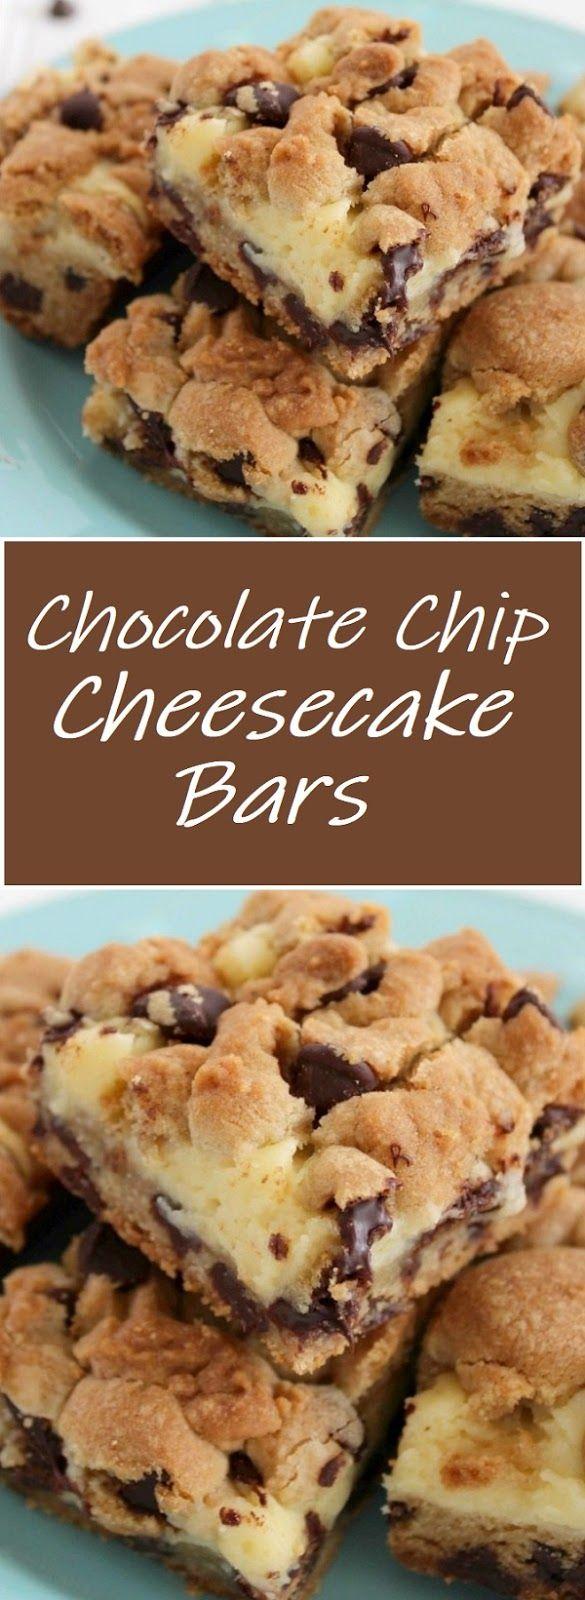 Chocolate Chip Cheesecake Bars Chocolate Chip Cheesecake Bars